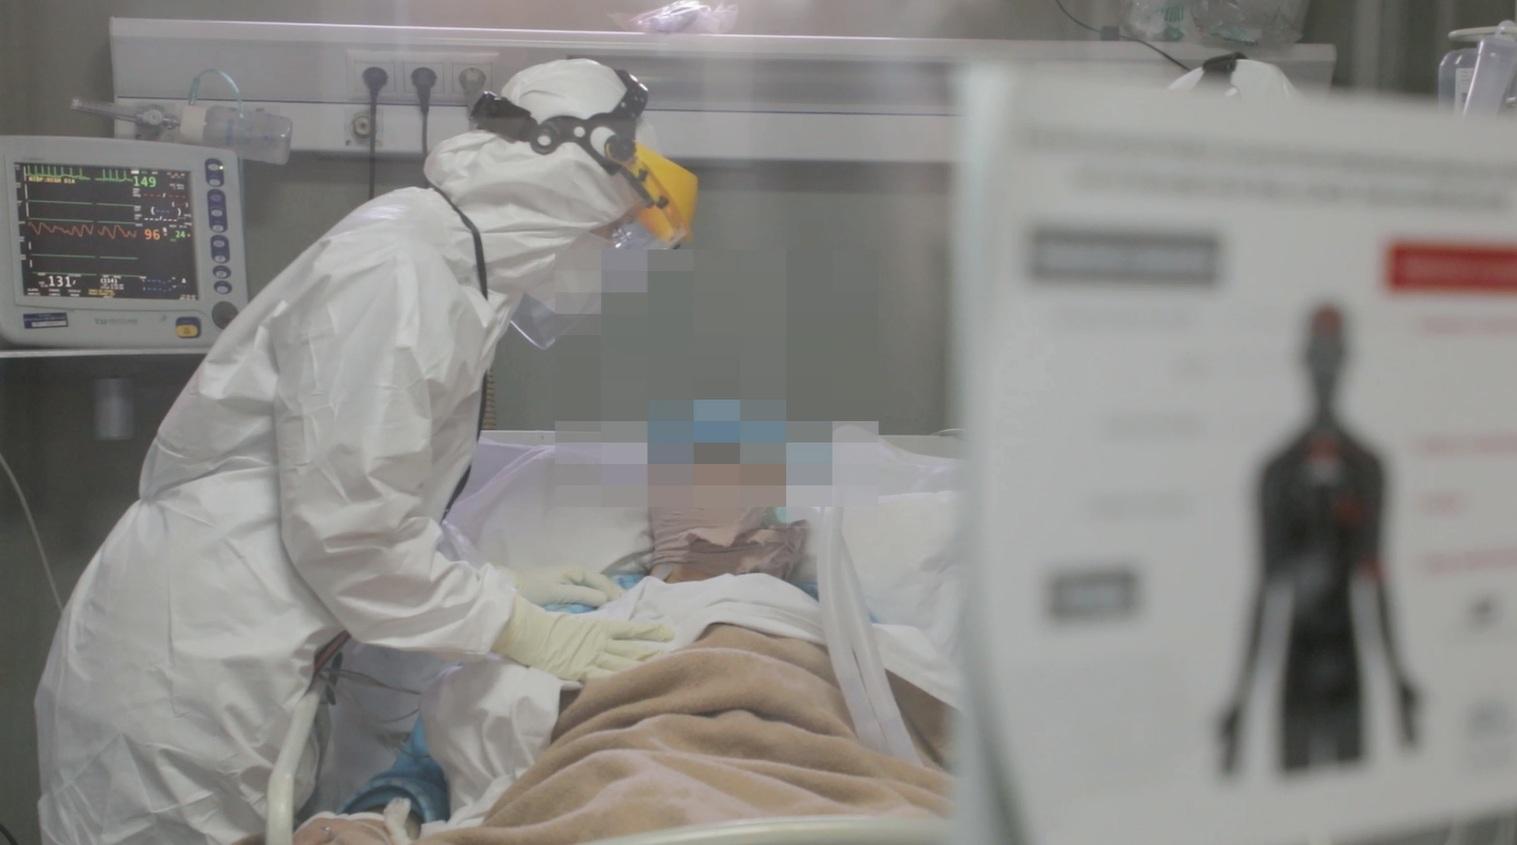 76 të shtruar dhe 2 të intubuar: Si paraqitet gjendja e pacientëve në spital